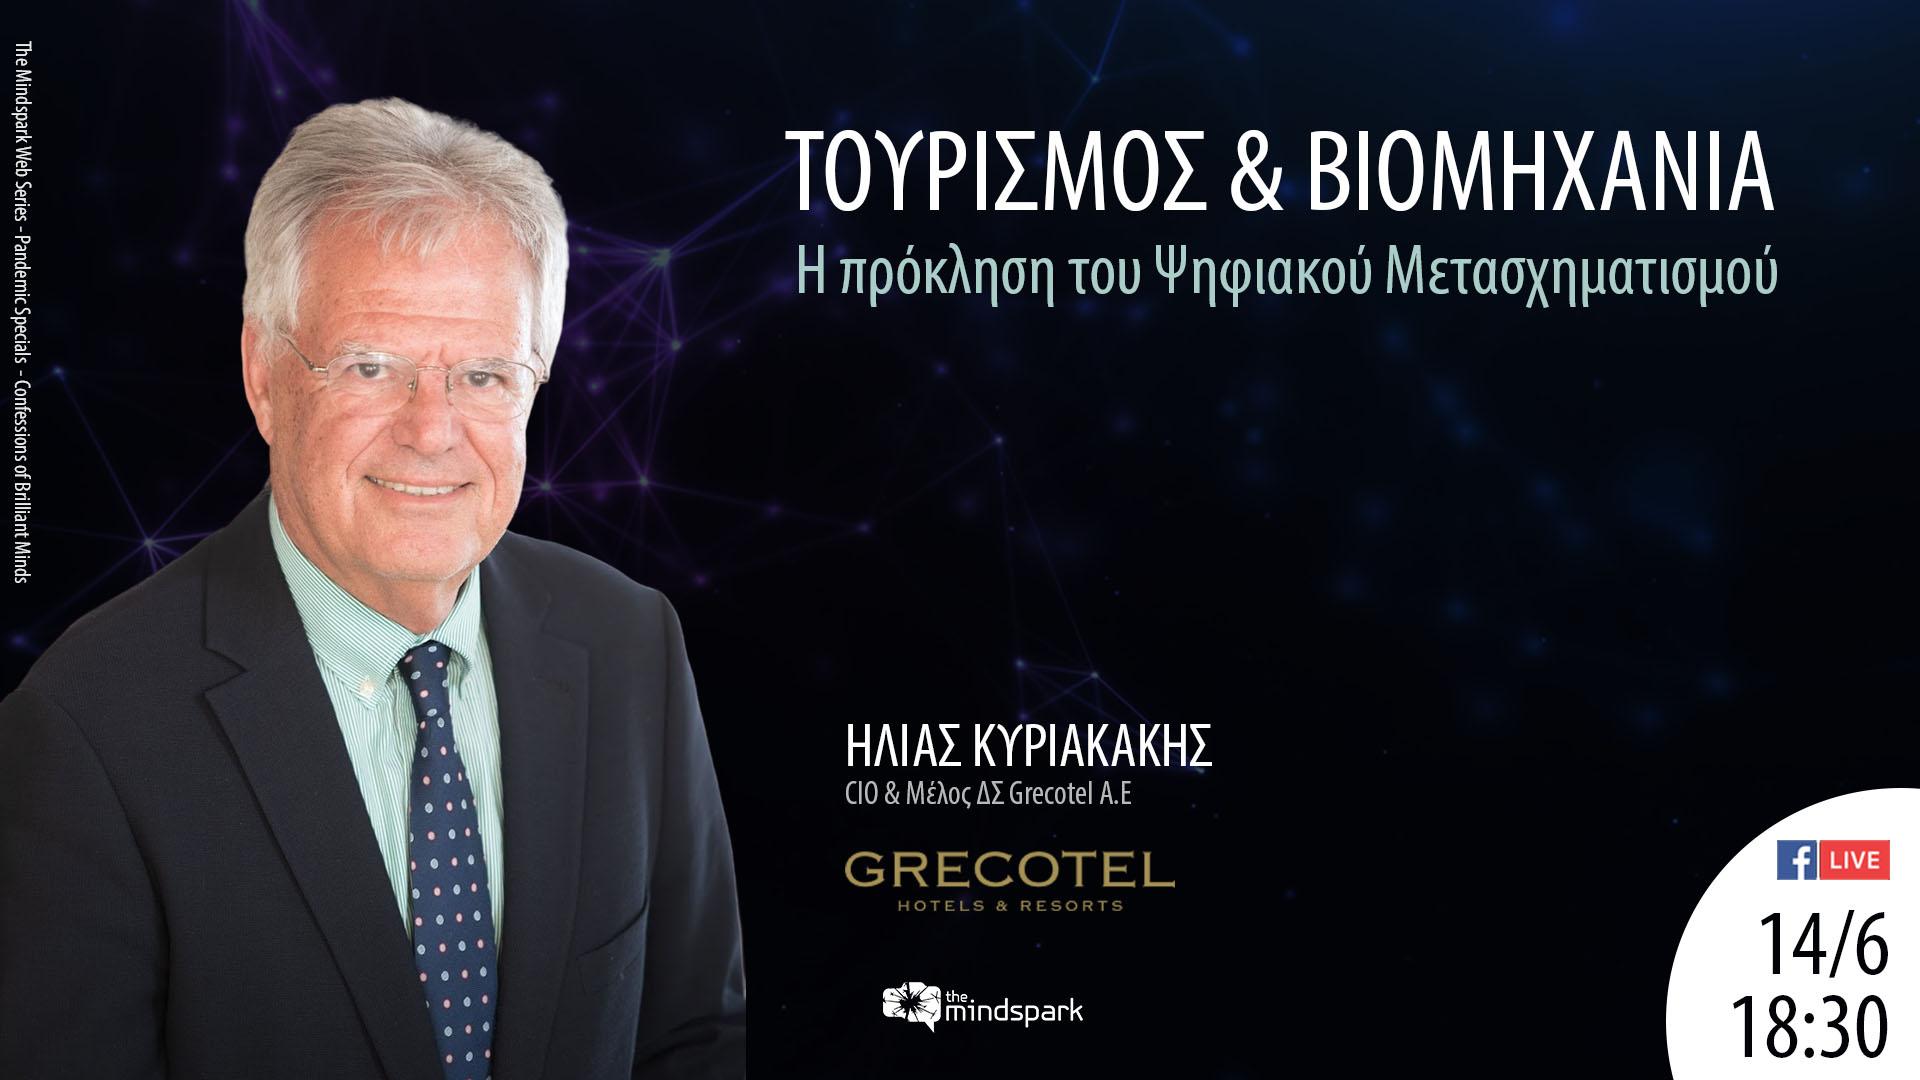 Ηλίας Κυριακάκης Grecotel